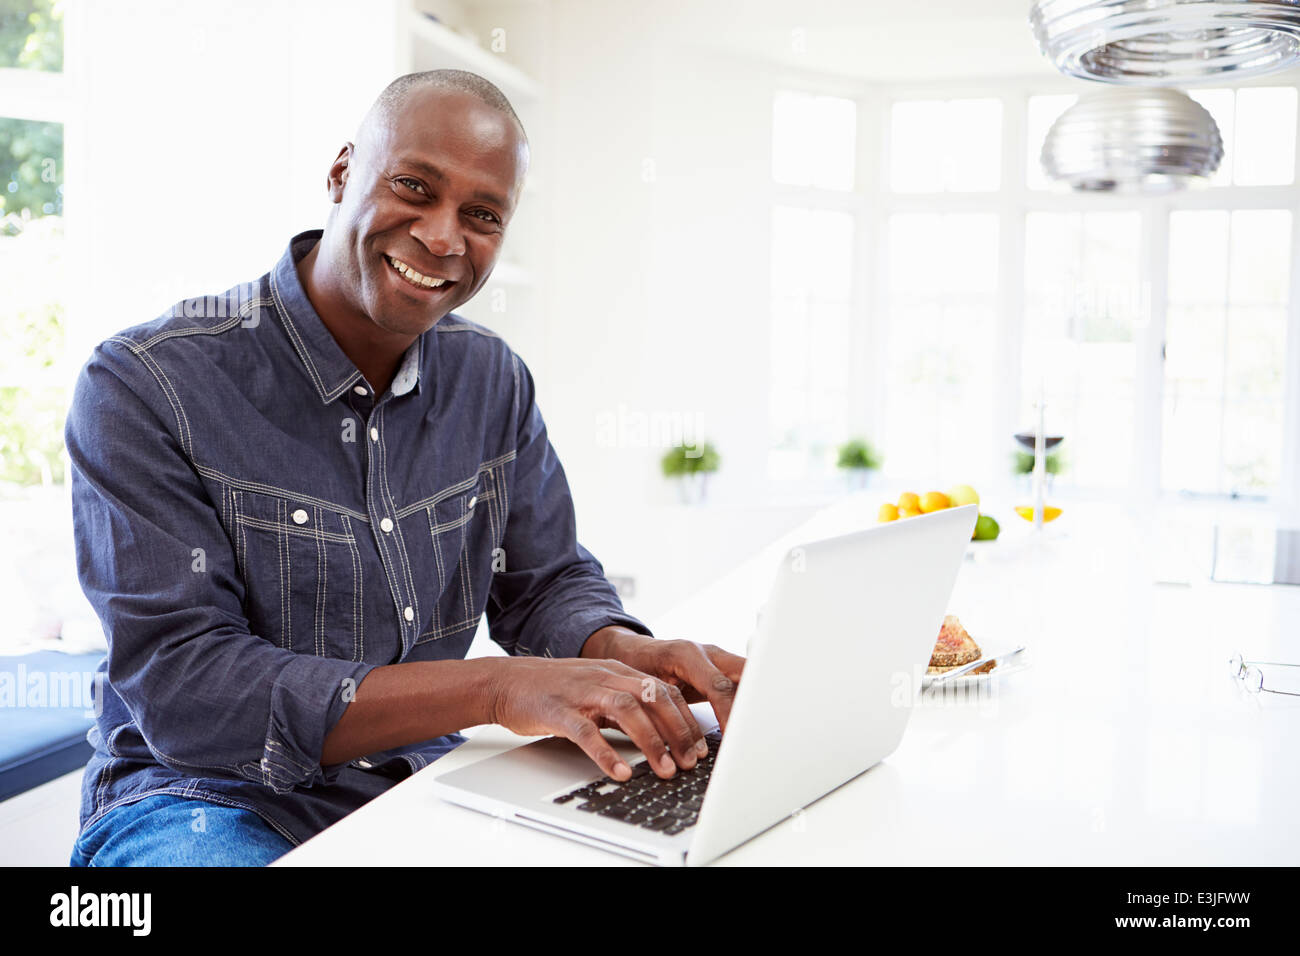 Afrikanische amerikanische Mann mit Laptop zu Hause Stockbild